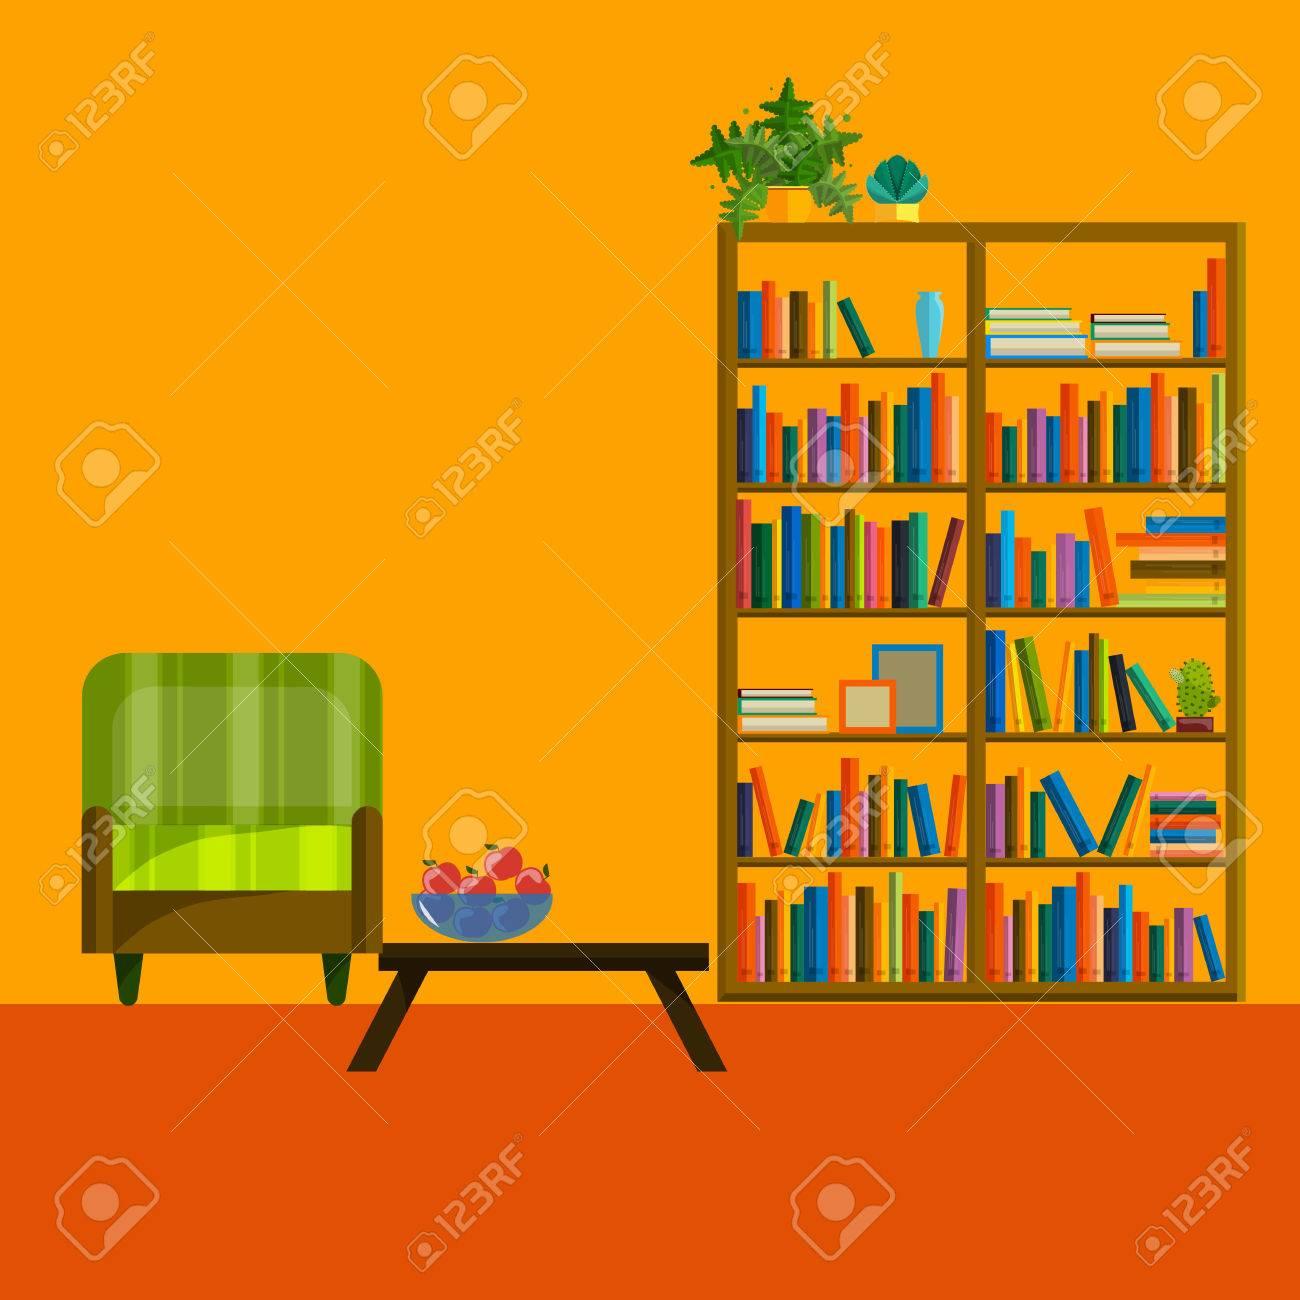 Moderne Flacharchitektur Wohnzimmer Illustration. Wohnzimmerwand. Möbel Für  Wohnzimmer. Wohnzimmer In Flachen Stil. Konzept Für Wohnzimmer.